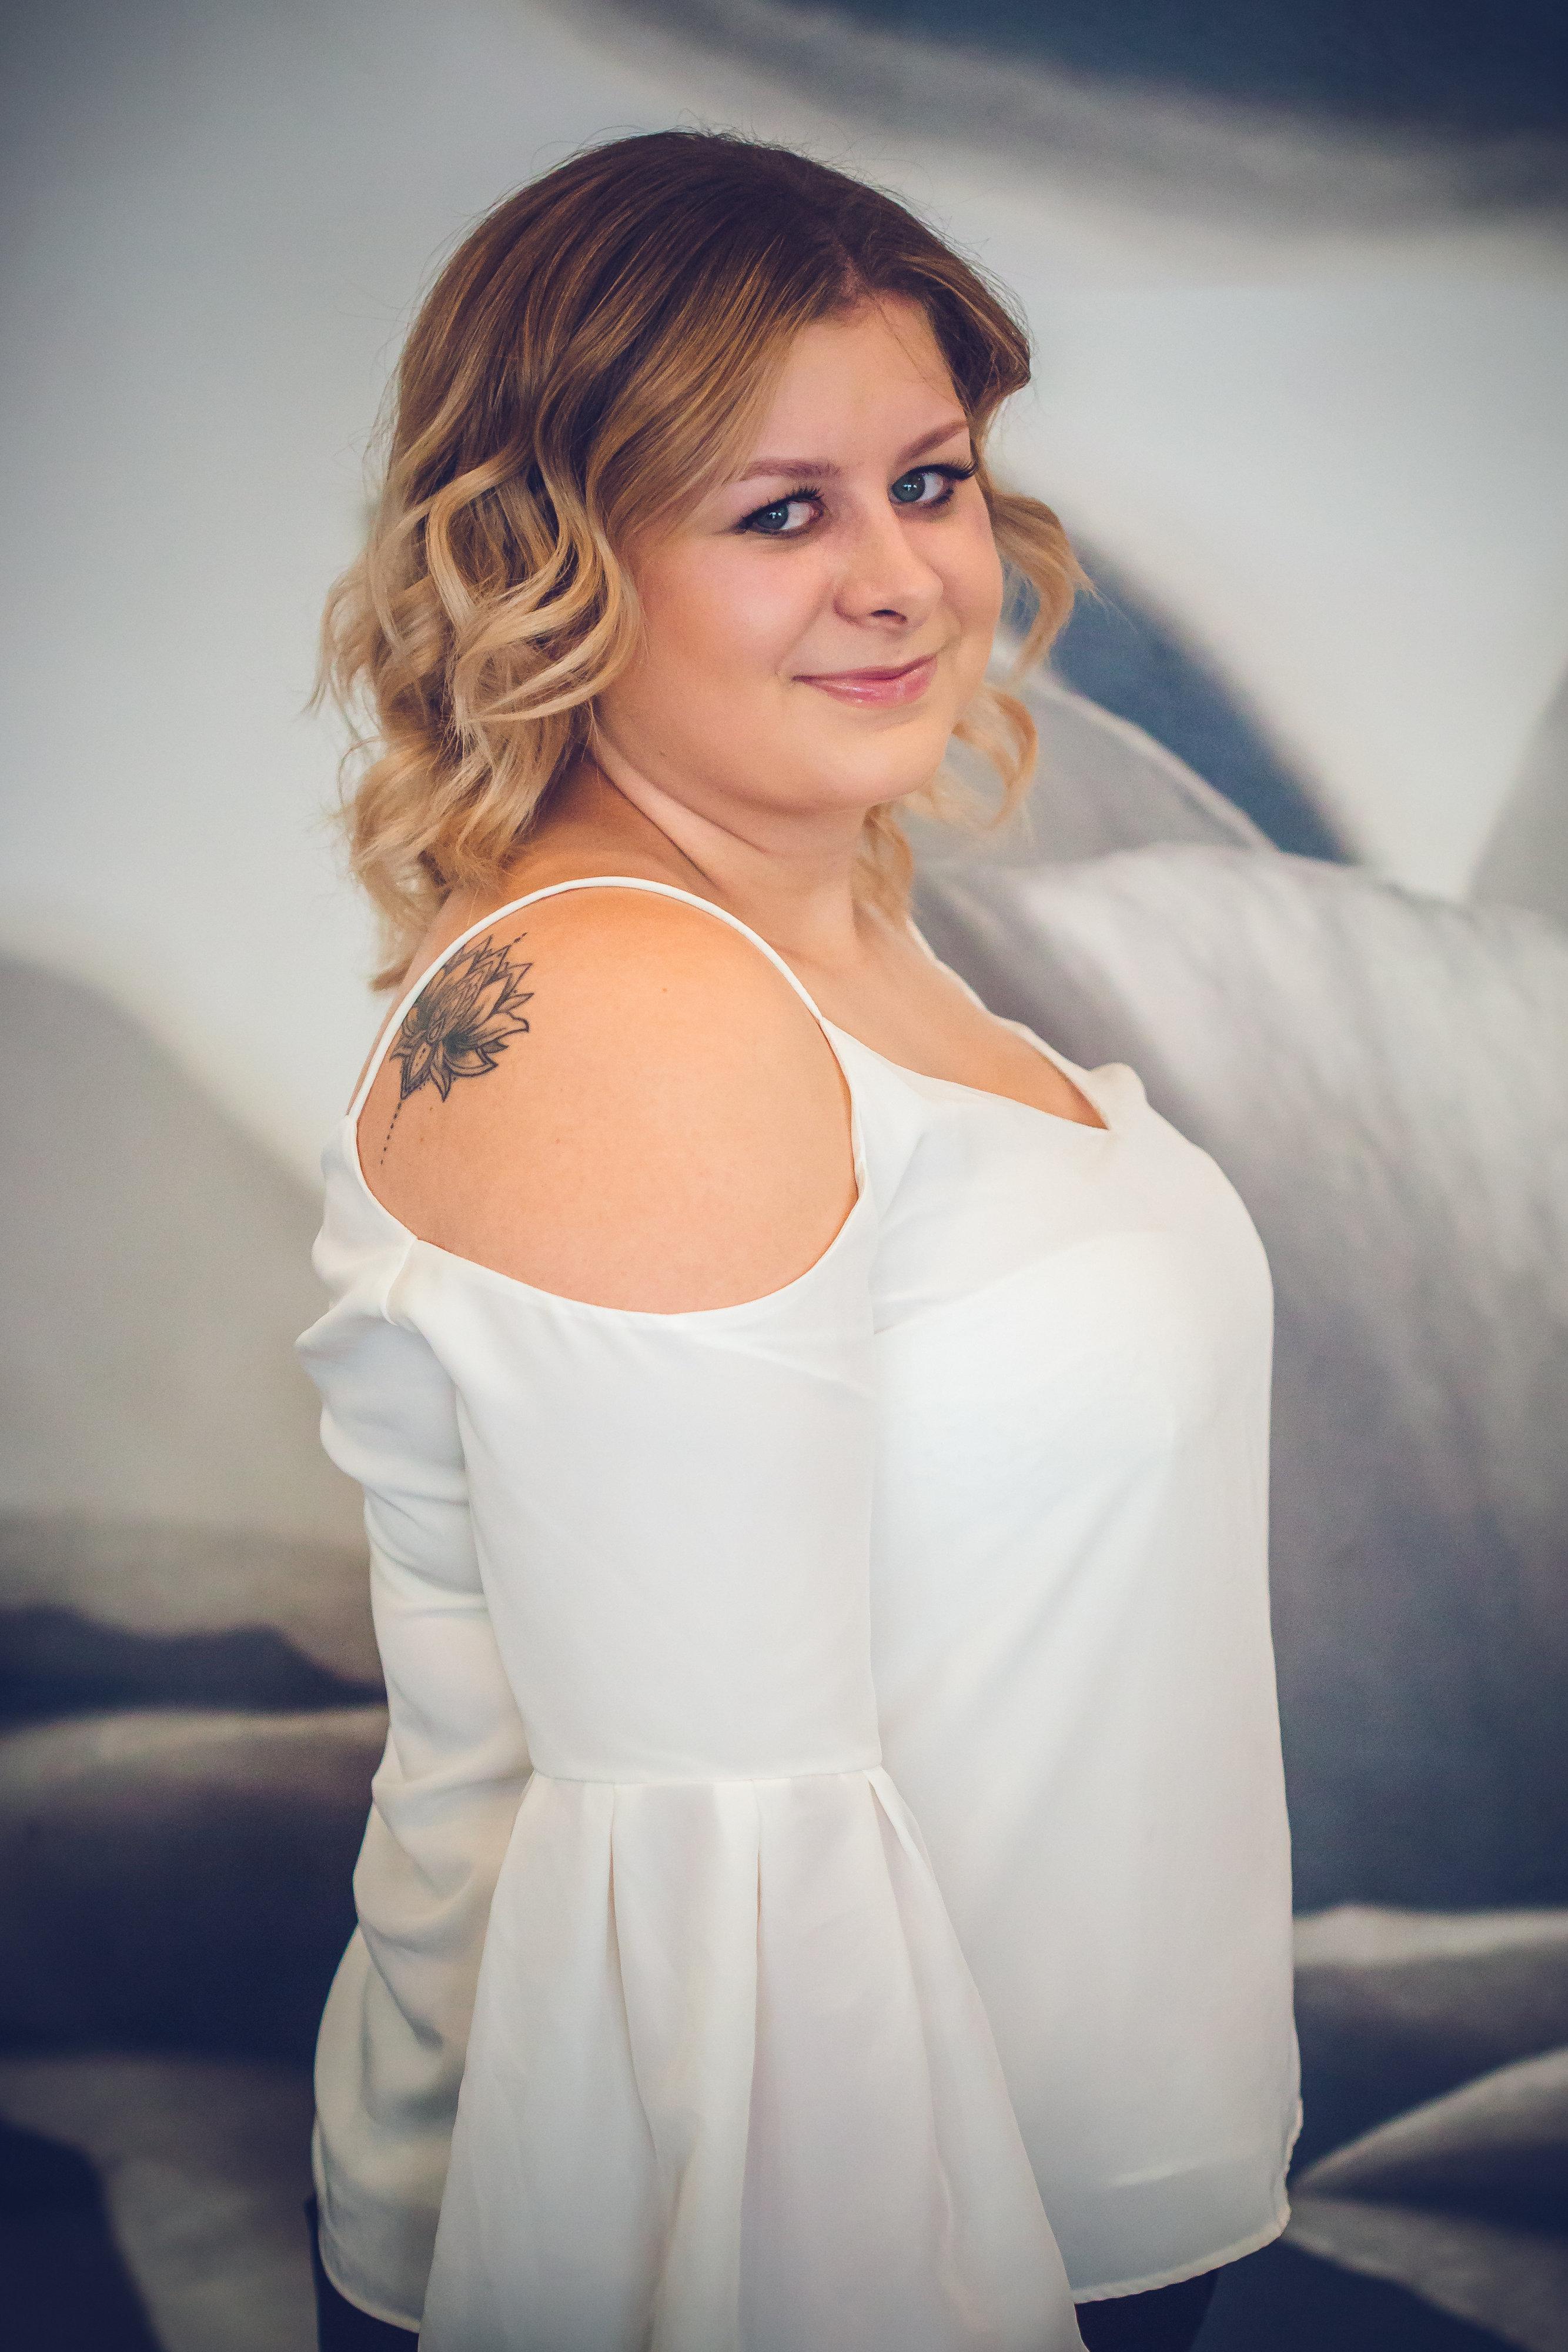 Louise Sommerfeld